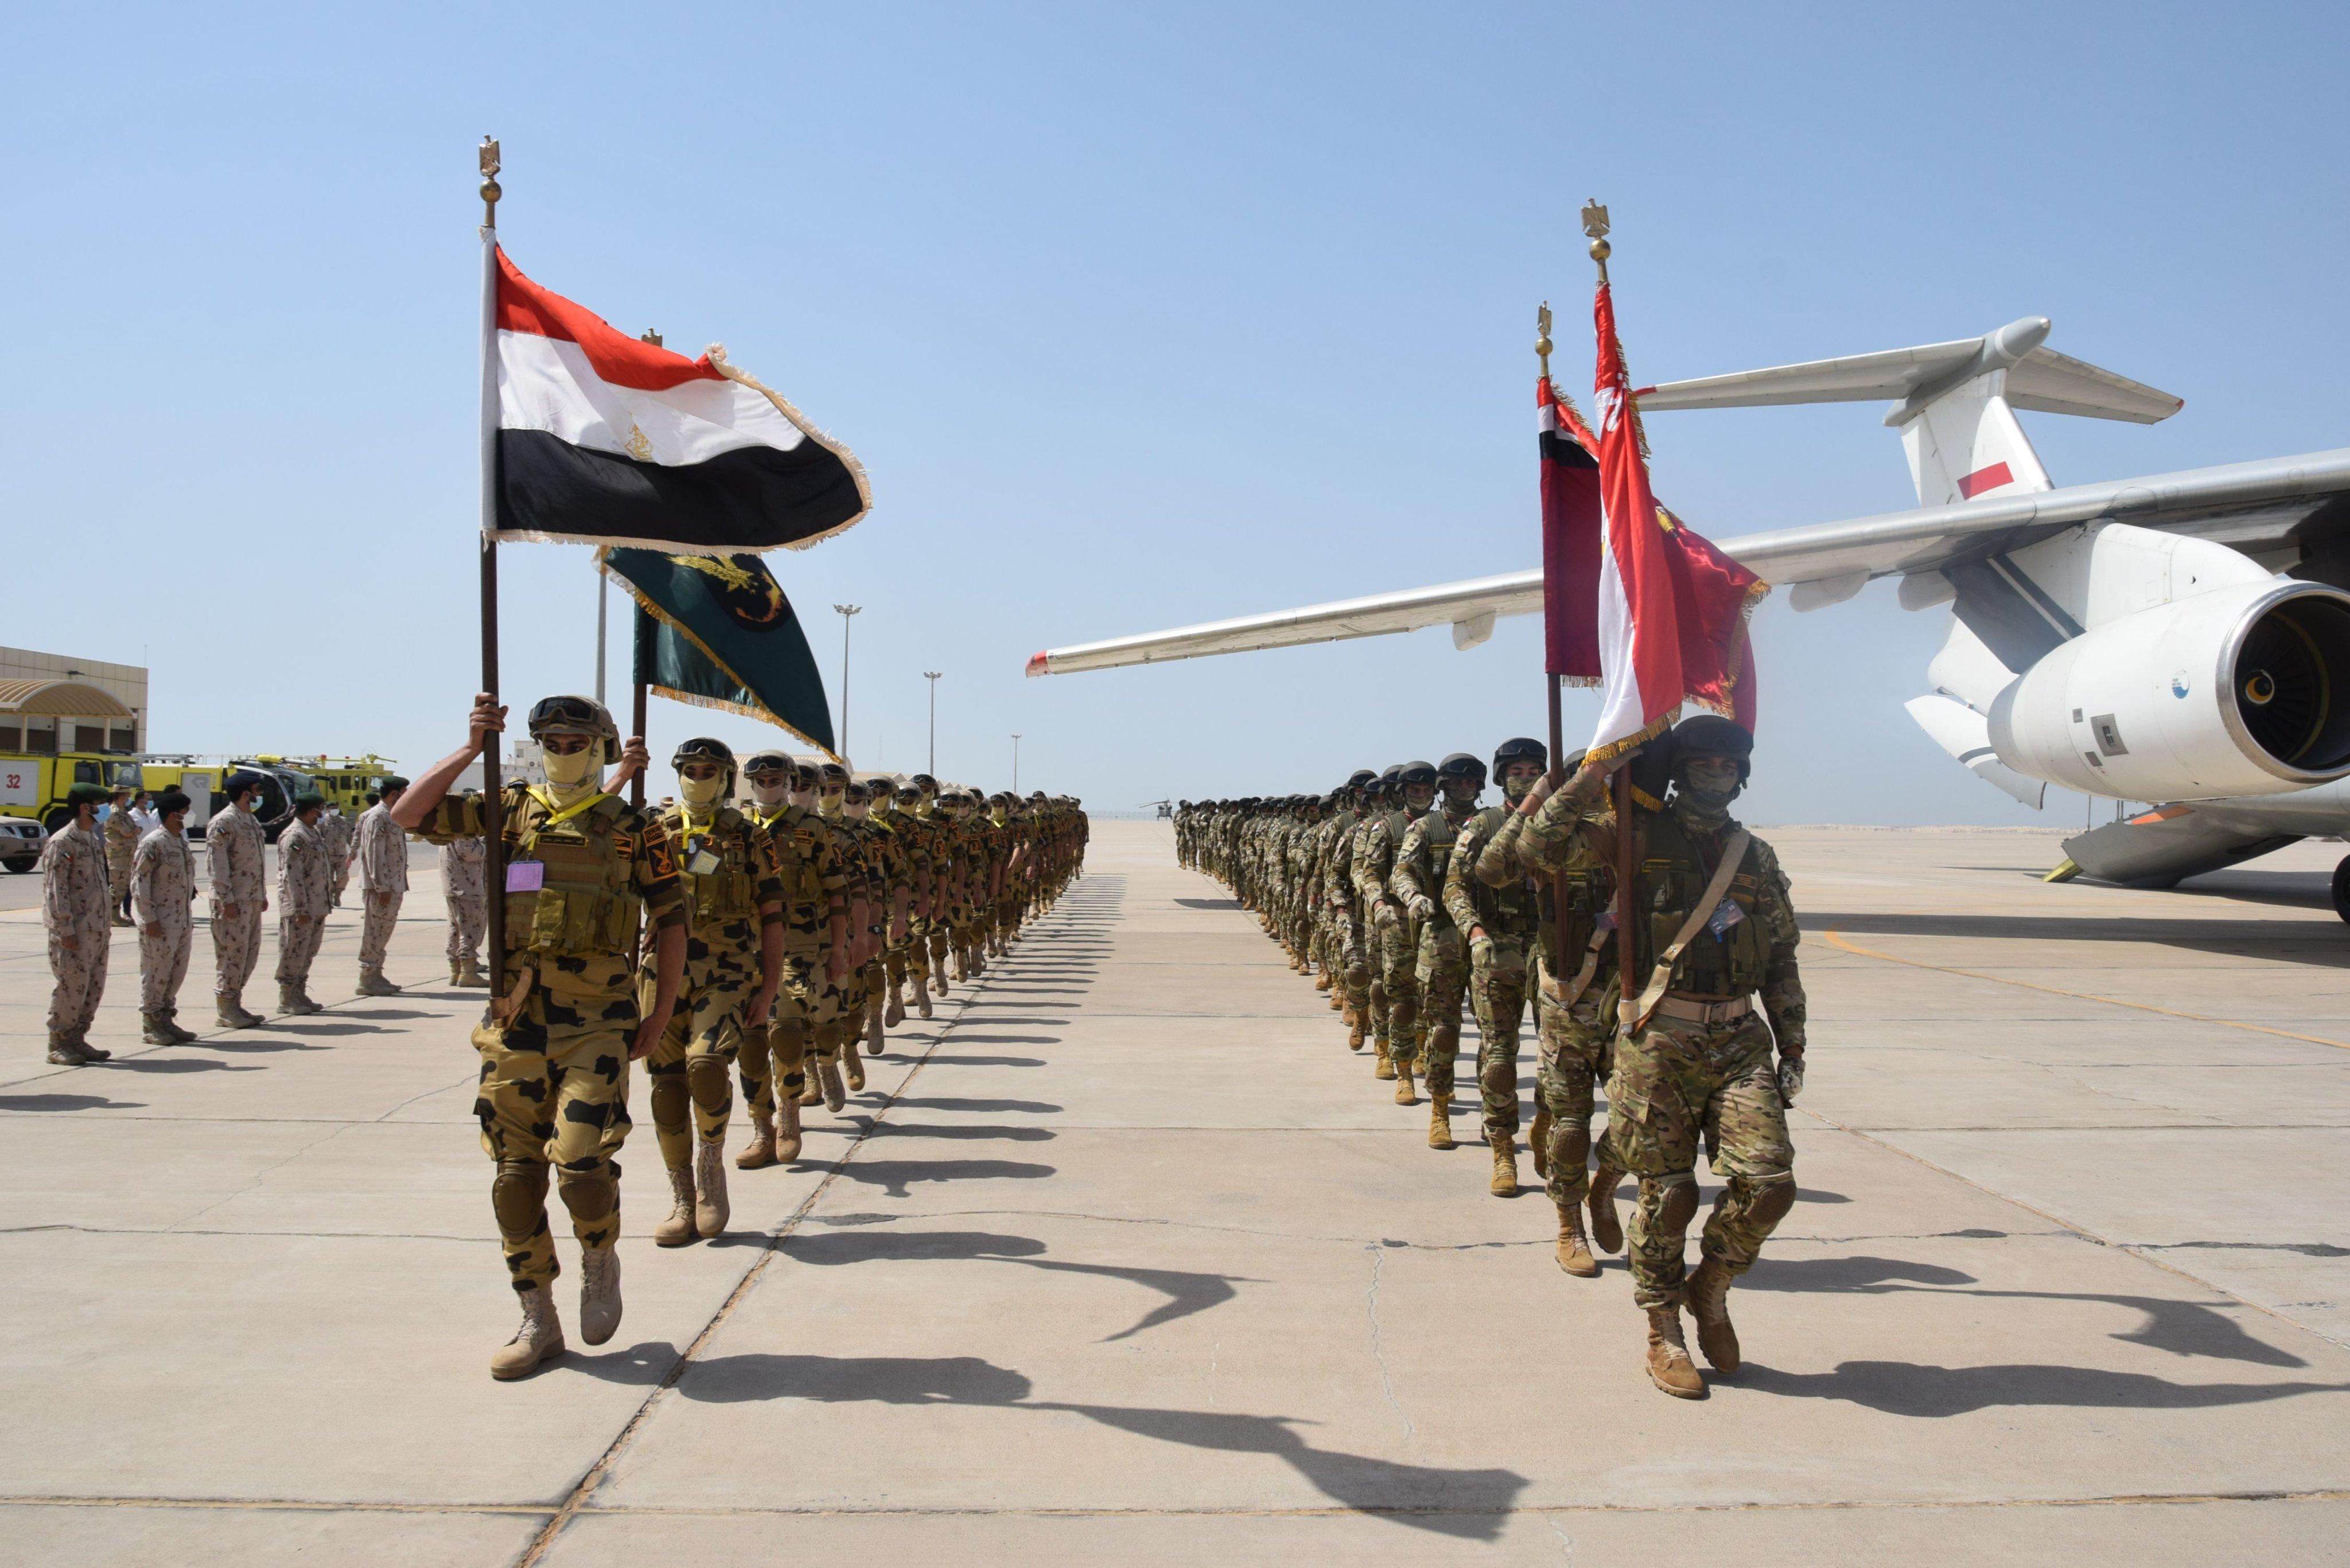 """انطلاق التمرين العسكري """"زايد 3"""" بين الإمارات ومصر E151l9xWYAEC2Tk?format=jpg&name=4096x4096"""